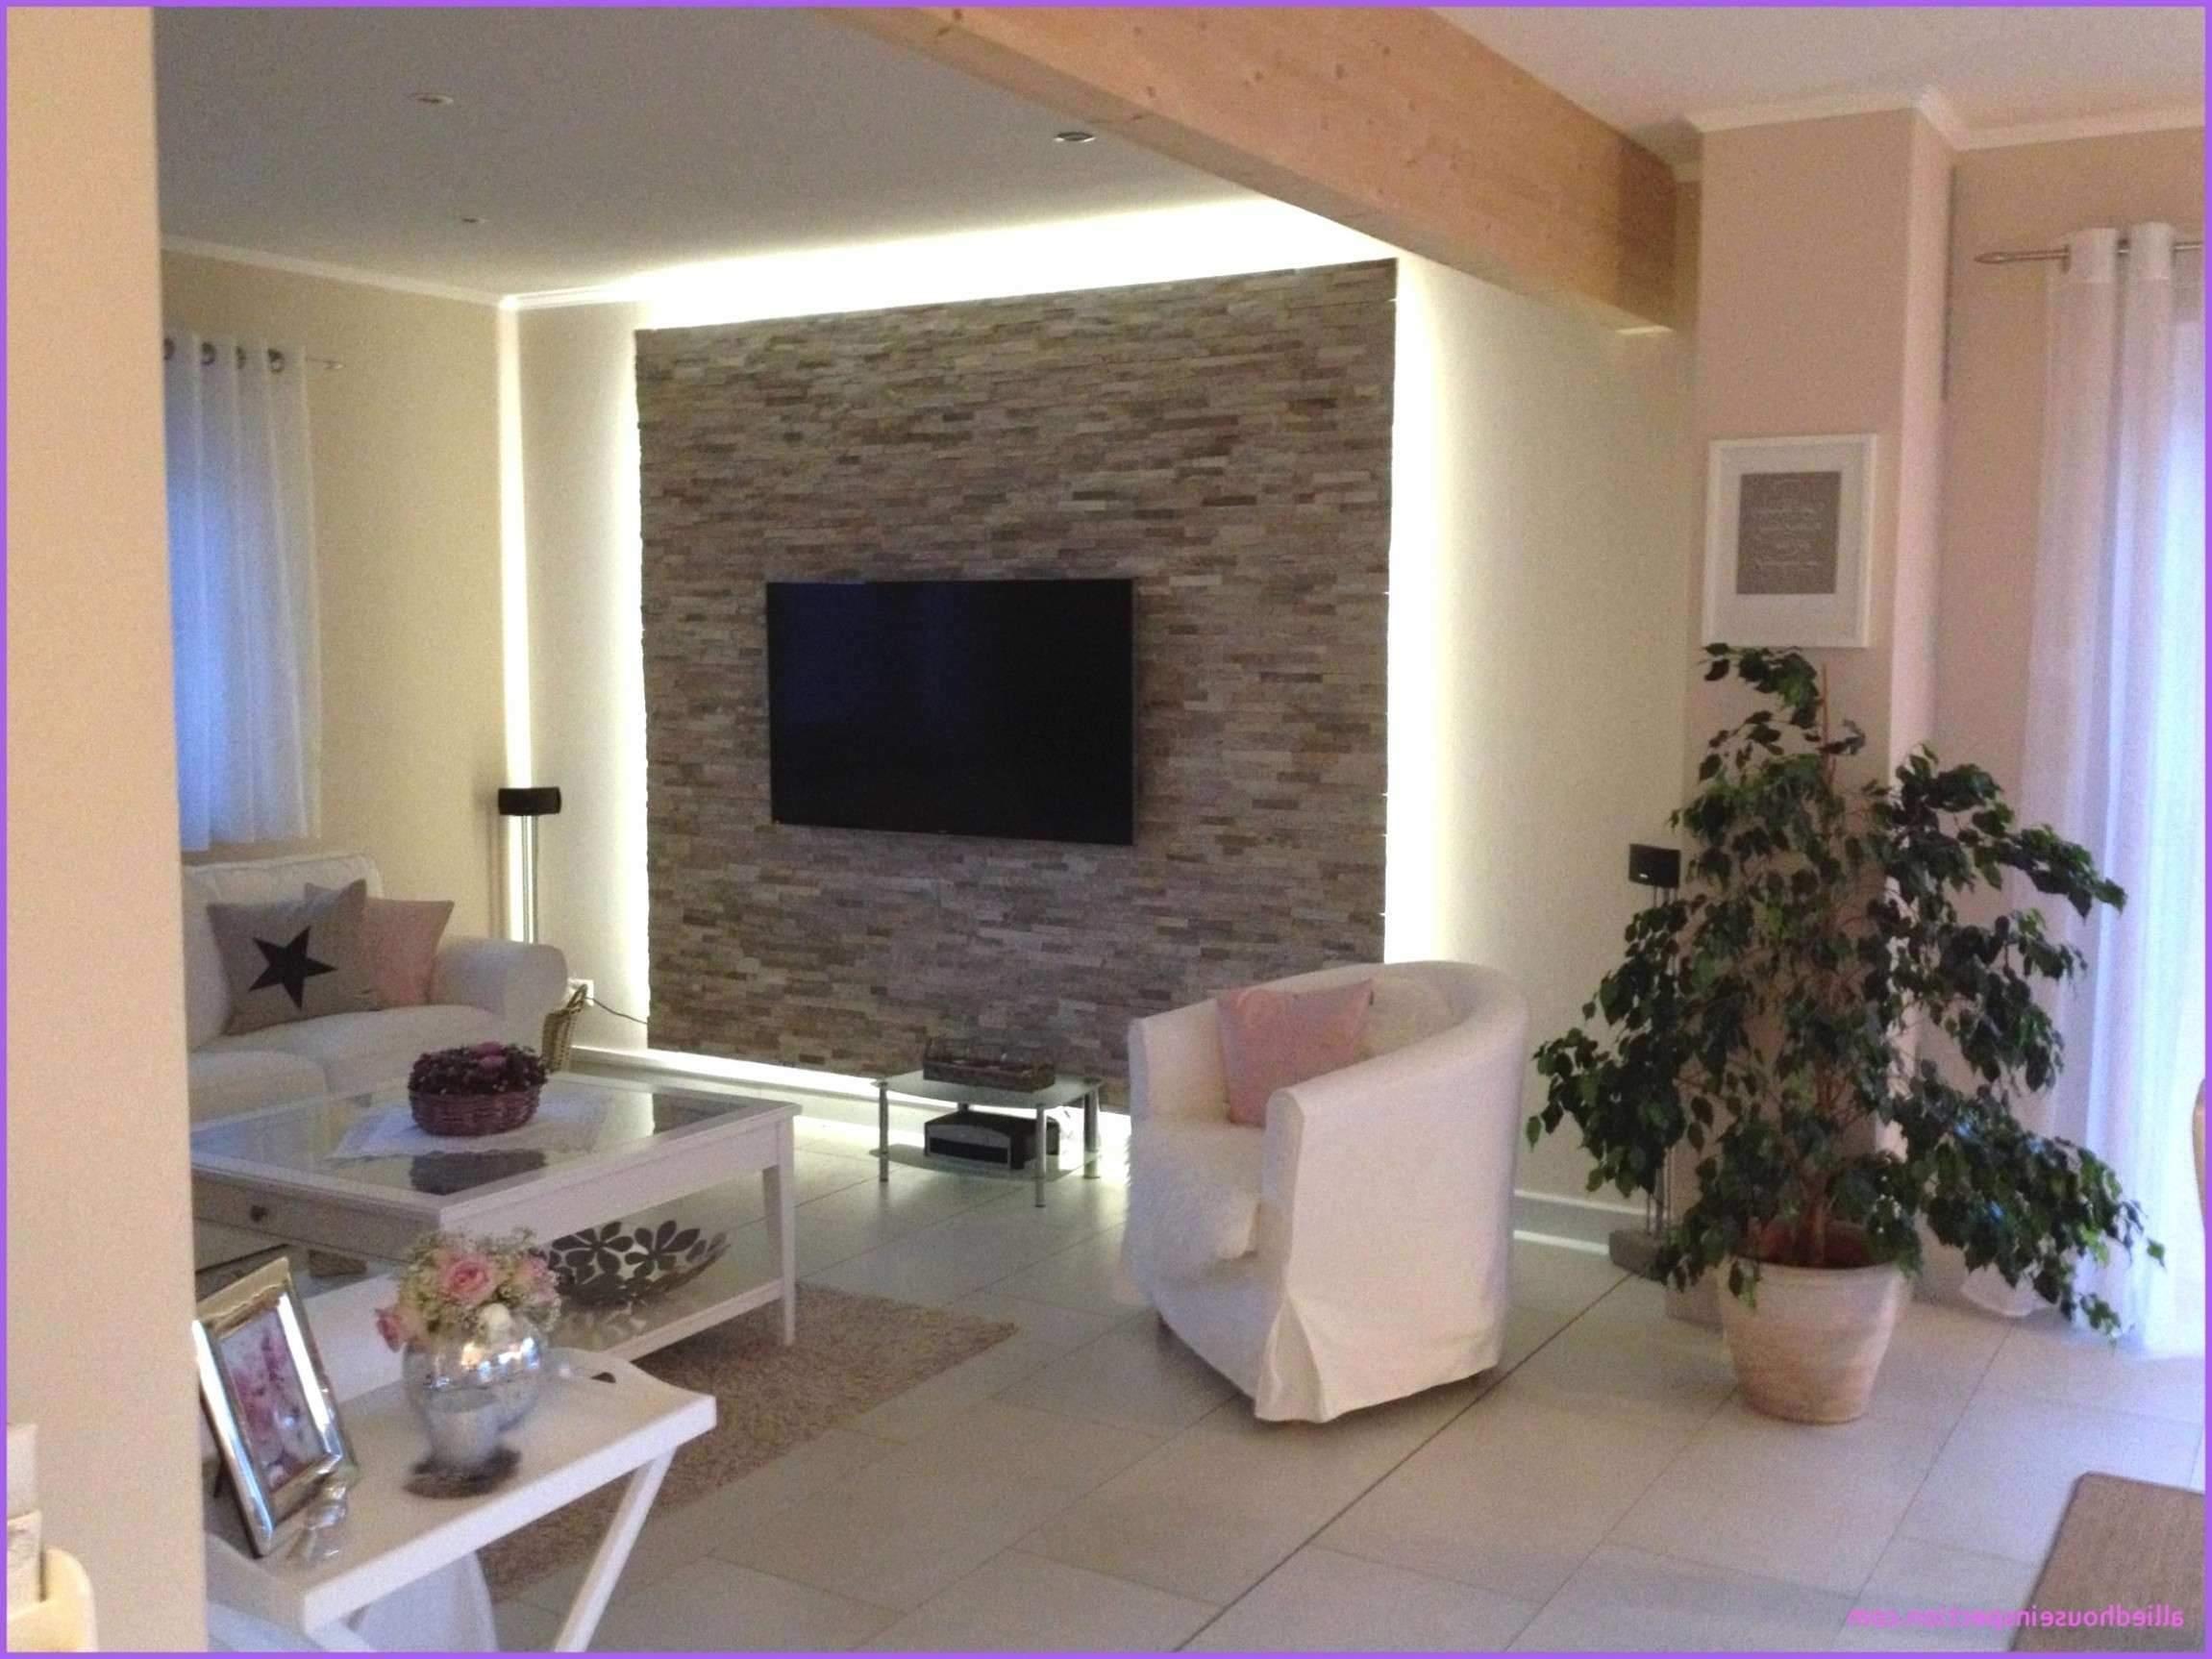 deko landhausstil wohnzimmer luxus 50 beste von bilder wohnzimmer landhausstil konzept of deko landhausstil wohnzimmer